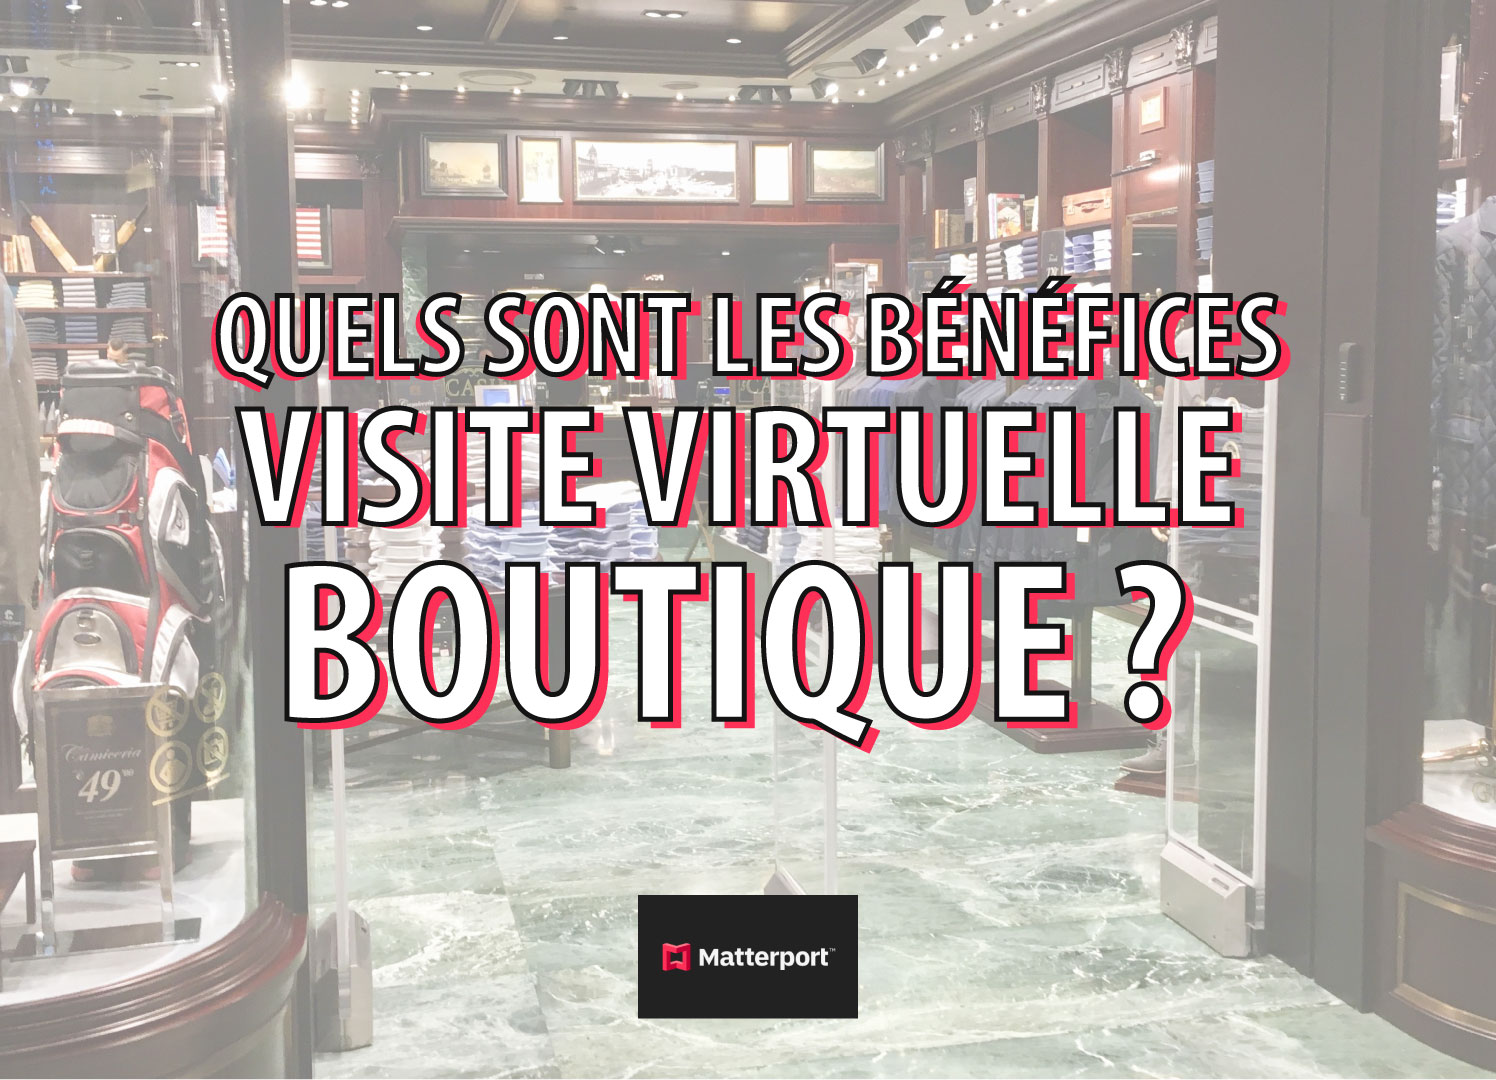 Quels sont les bénéfices d'une visite virtuelle boutique ?